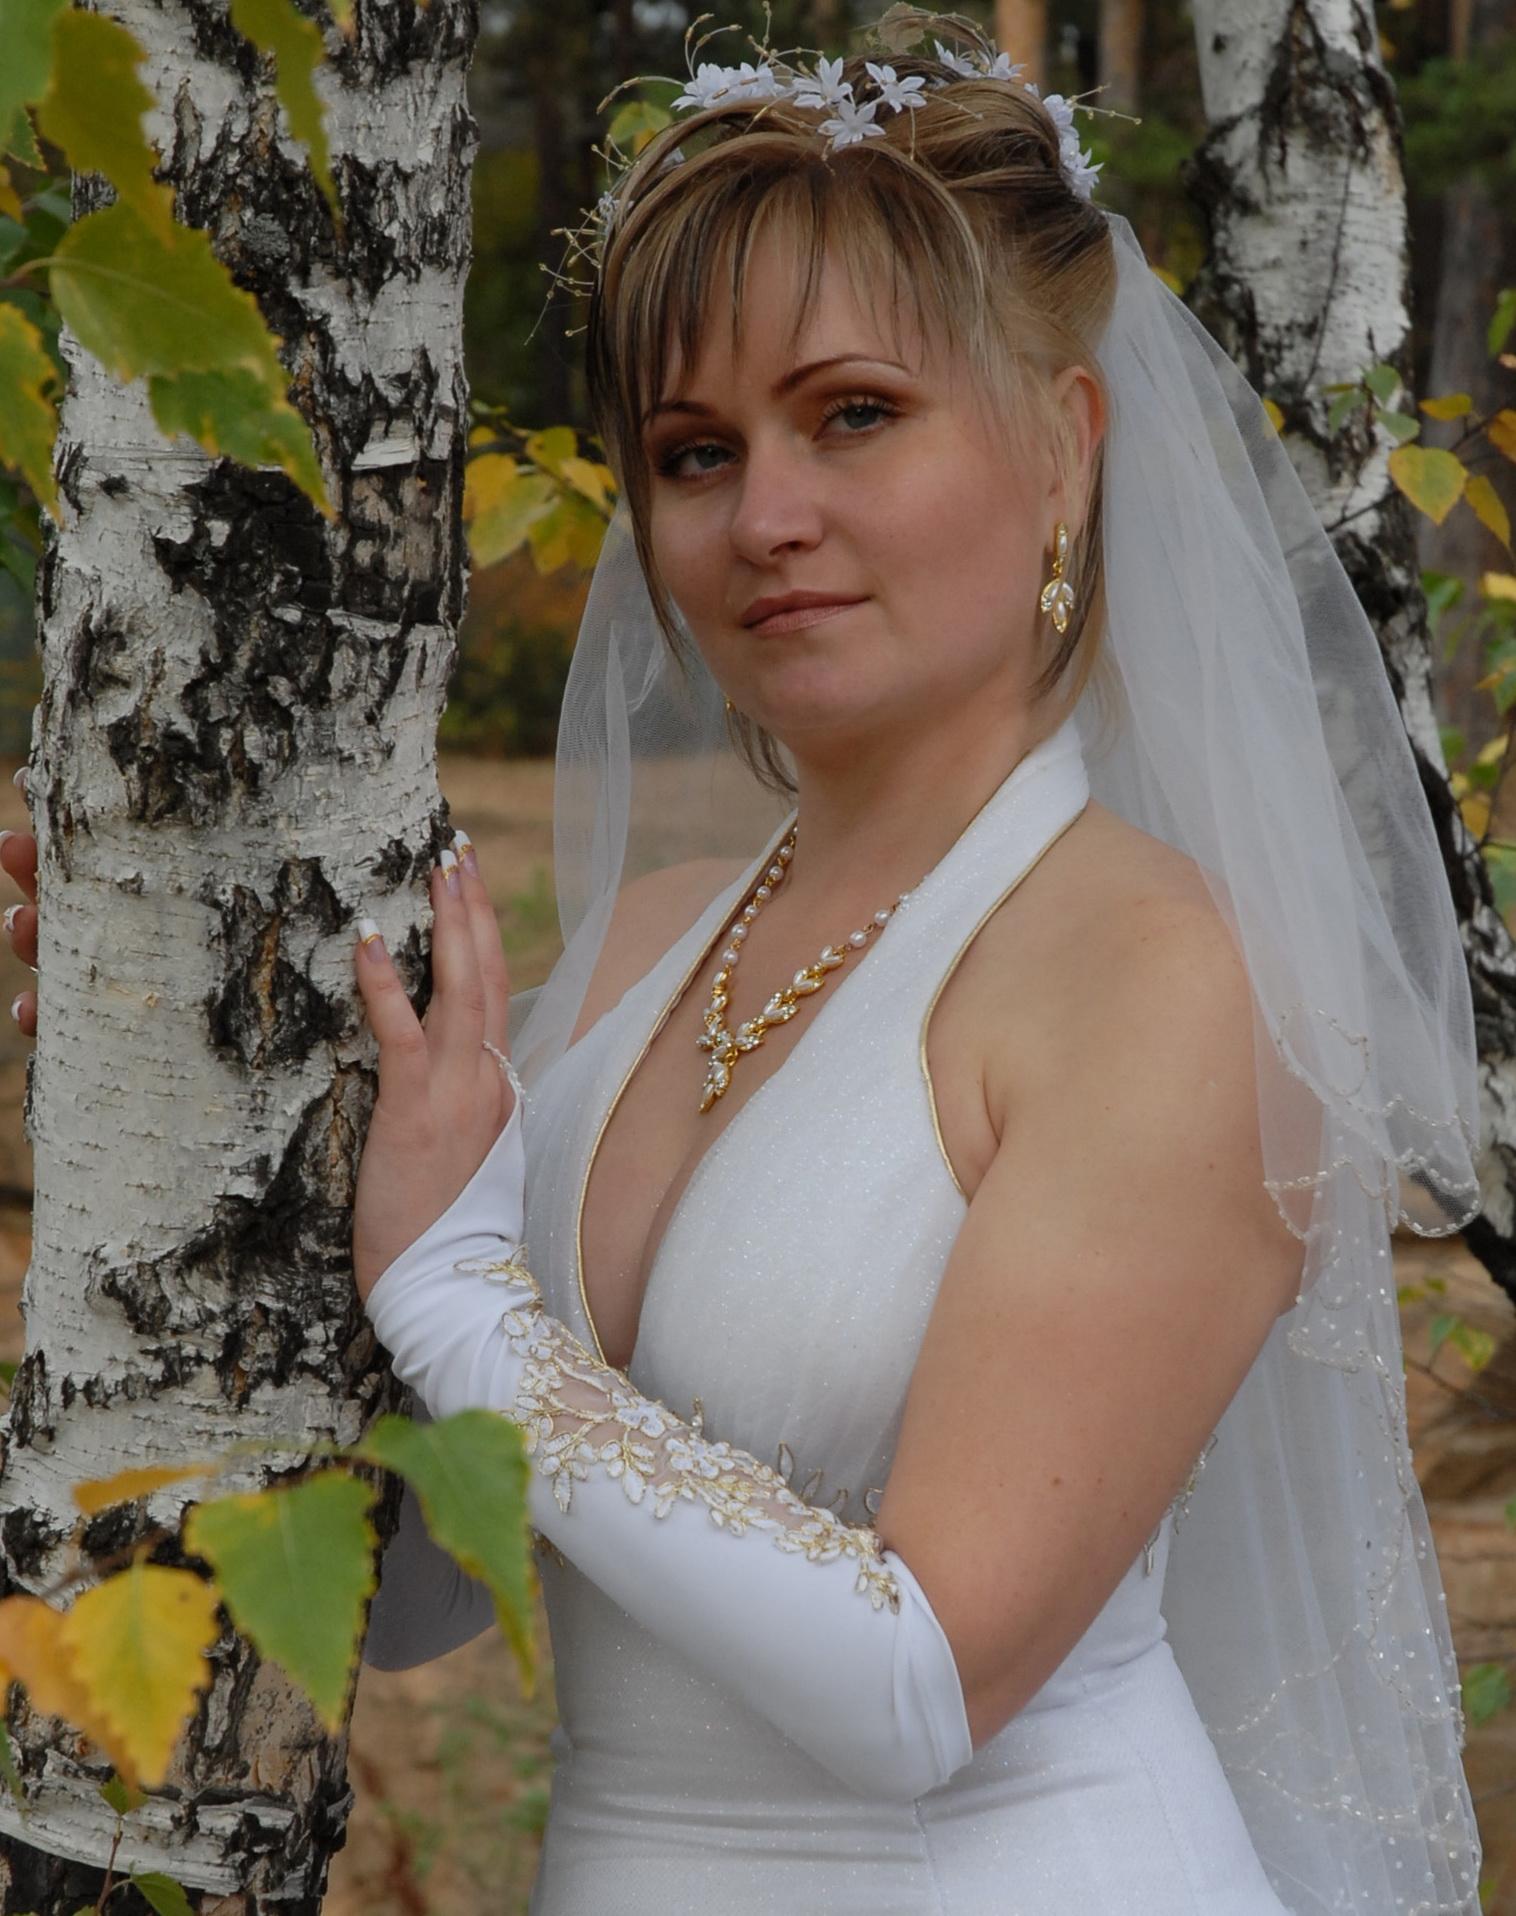 Мои украшения в день свадьбы . Ах, какая женщина!